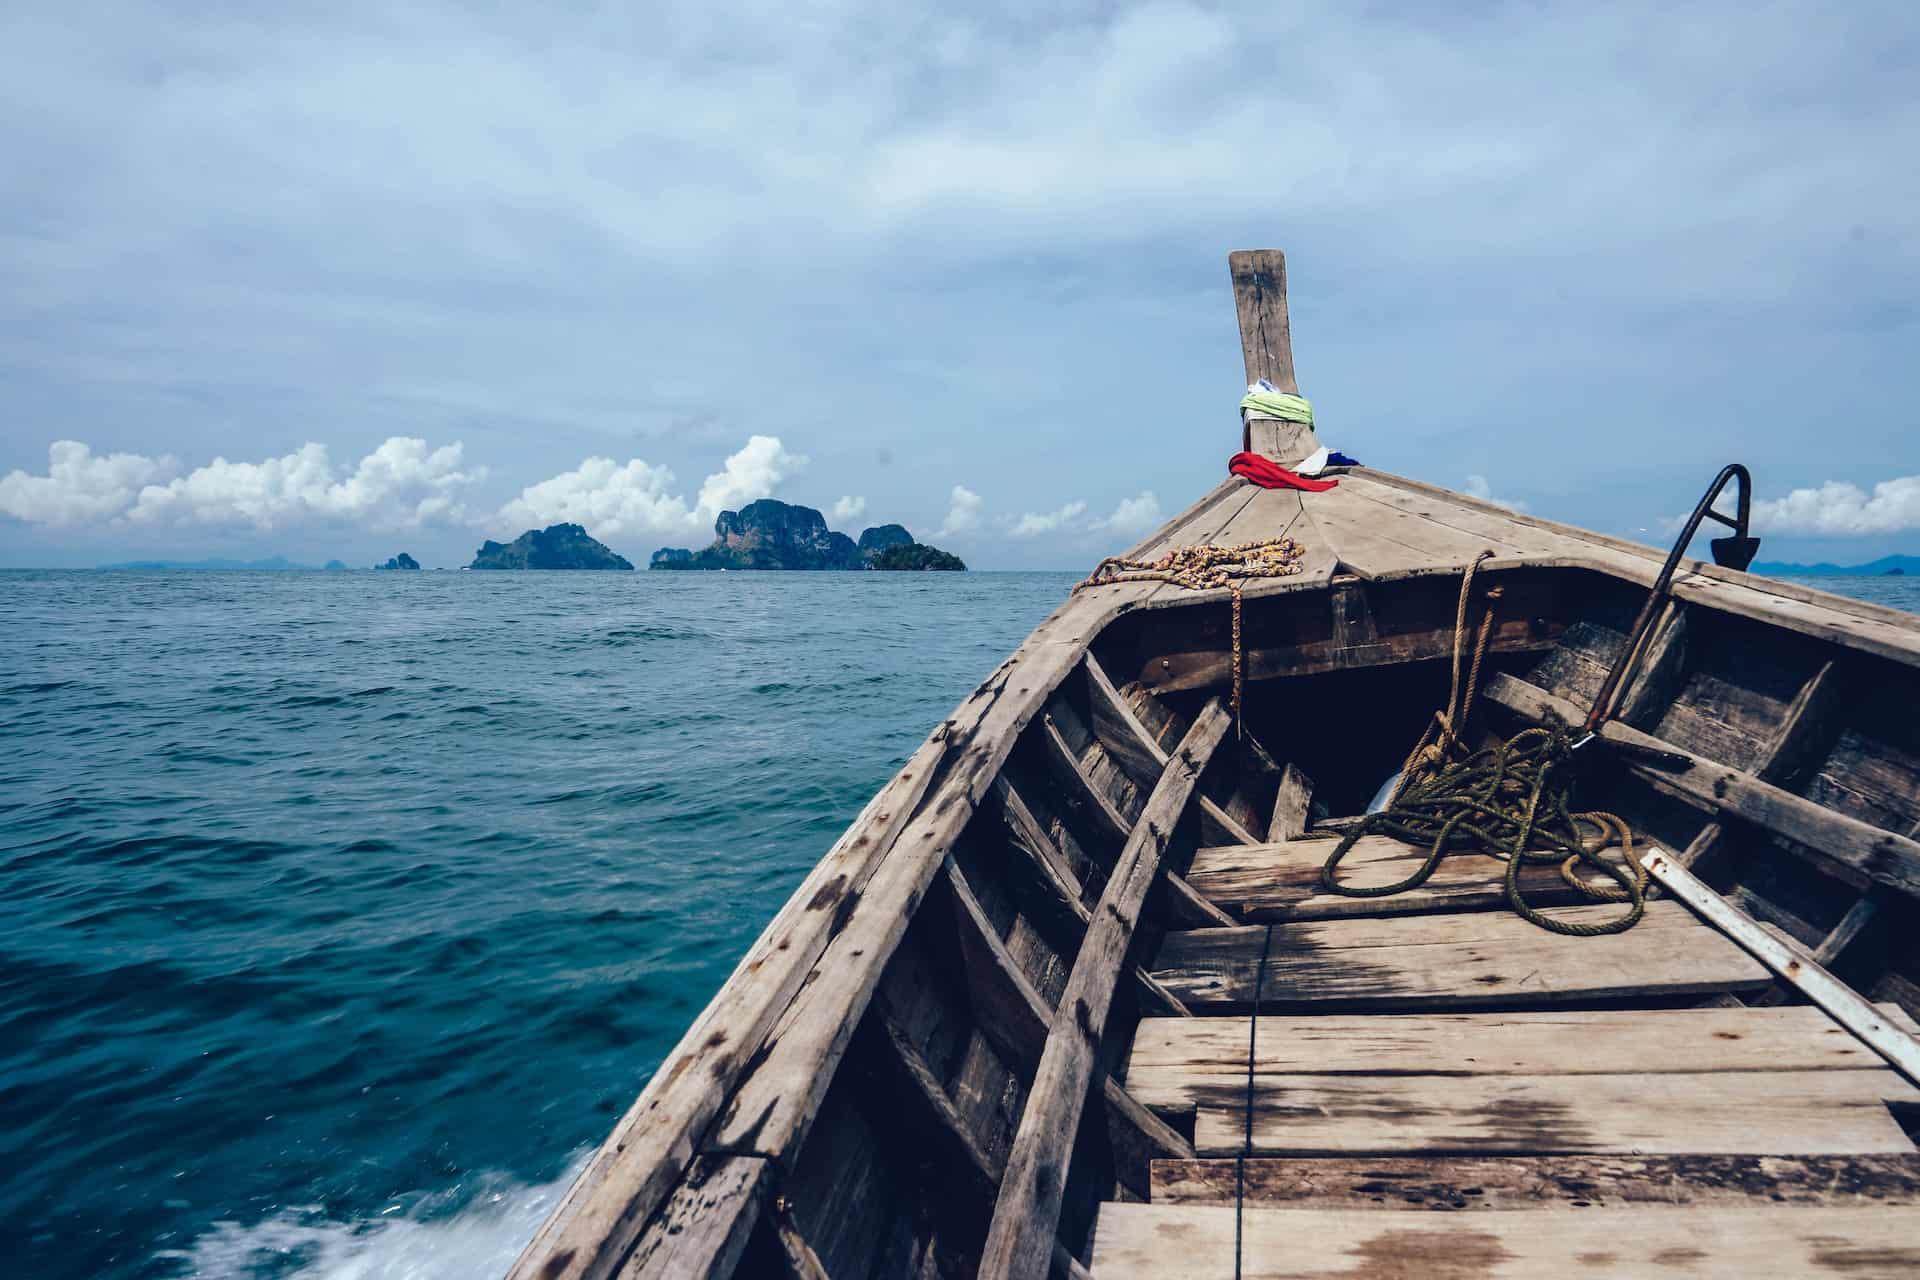 Buk eines Bootes auf dem Meer